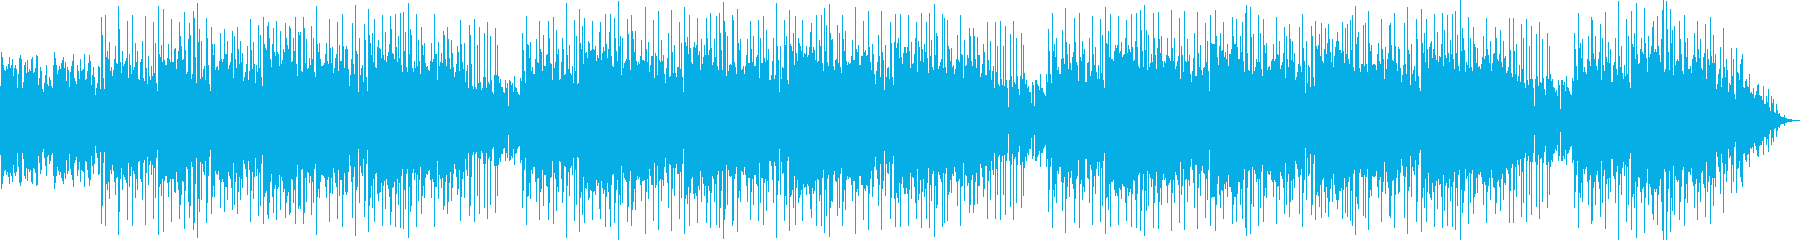 アンビエント系のヒップホップインストの再生済みの波形